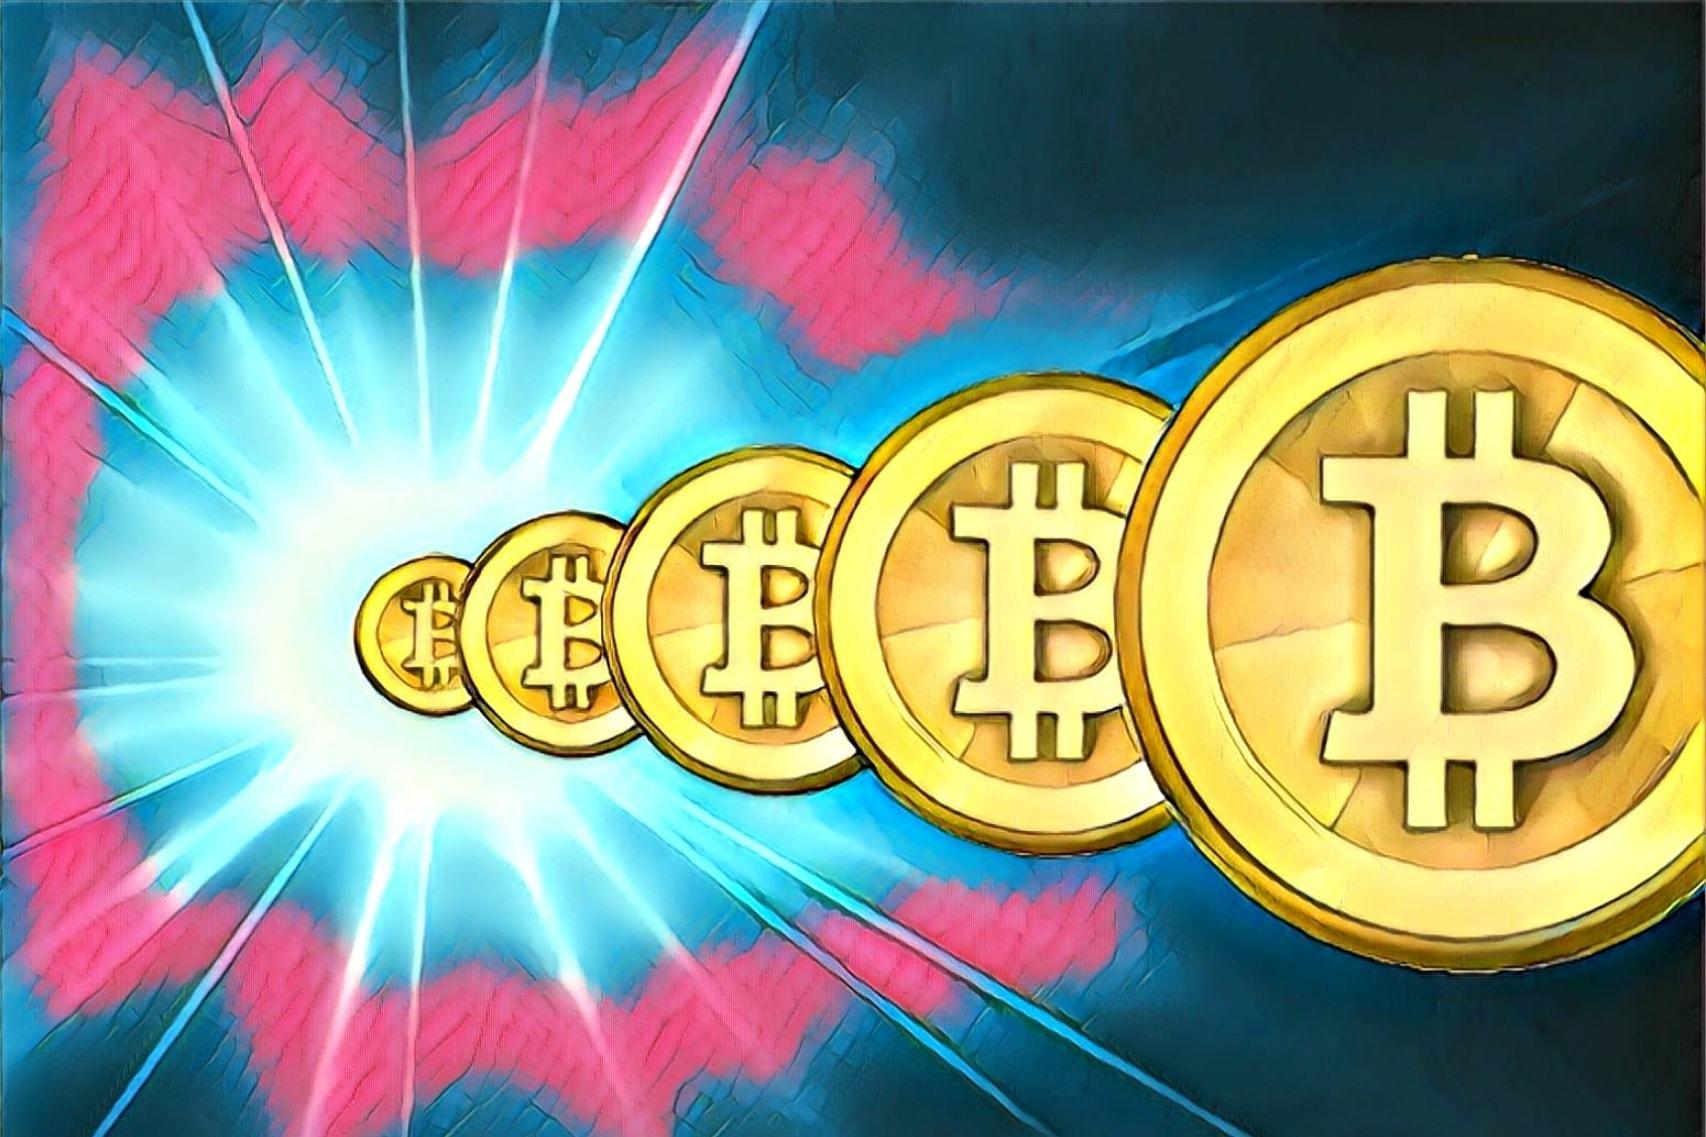 Bitcoin halving prediction